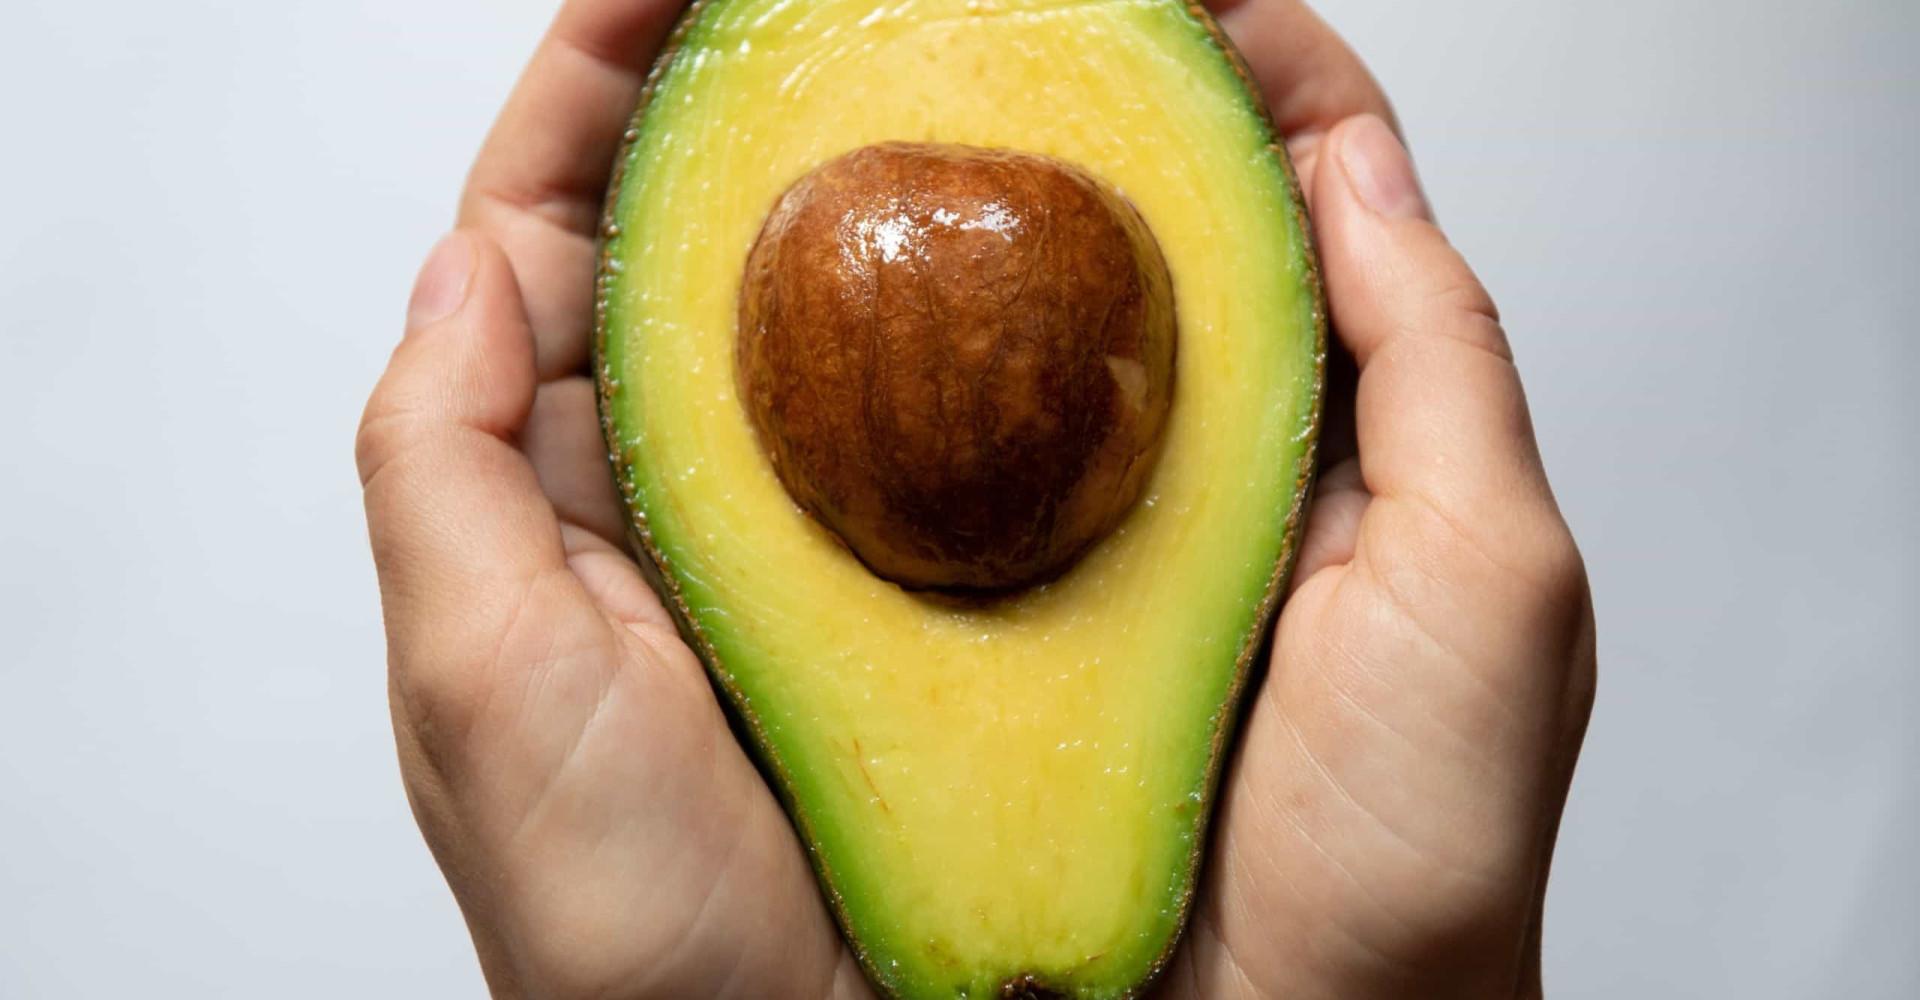 Keiharde avocado? Zo versnel je het rijpingsproces